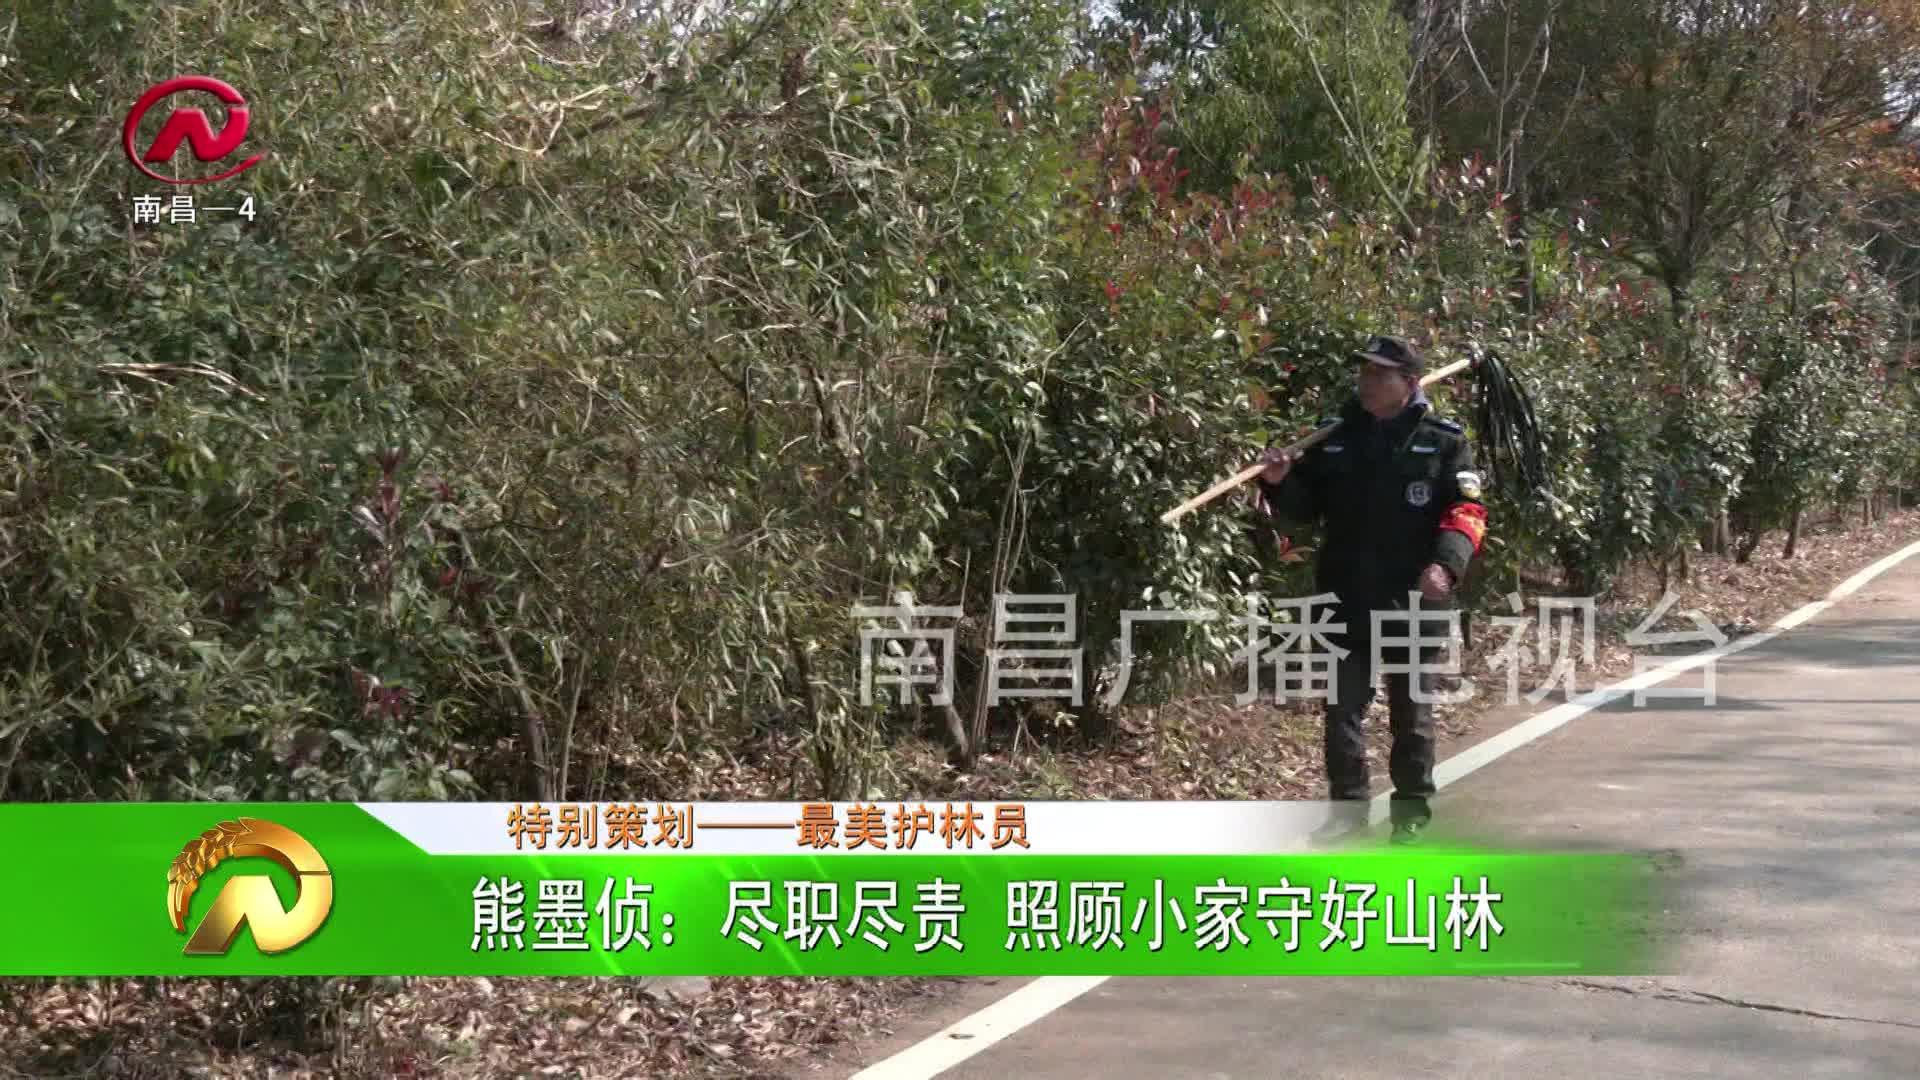 【豫章农视】熊墨侦:尽职尽责 照顾小家守好山林